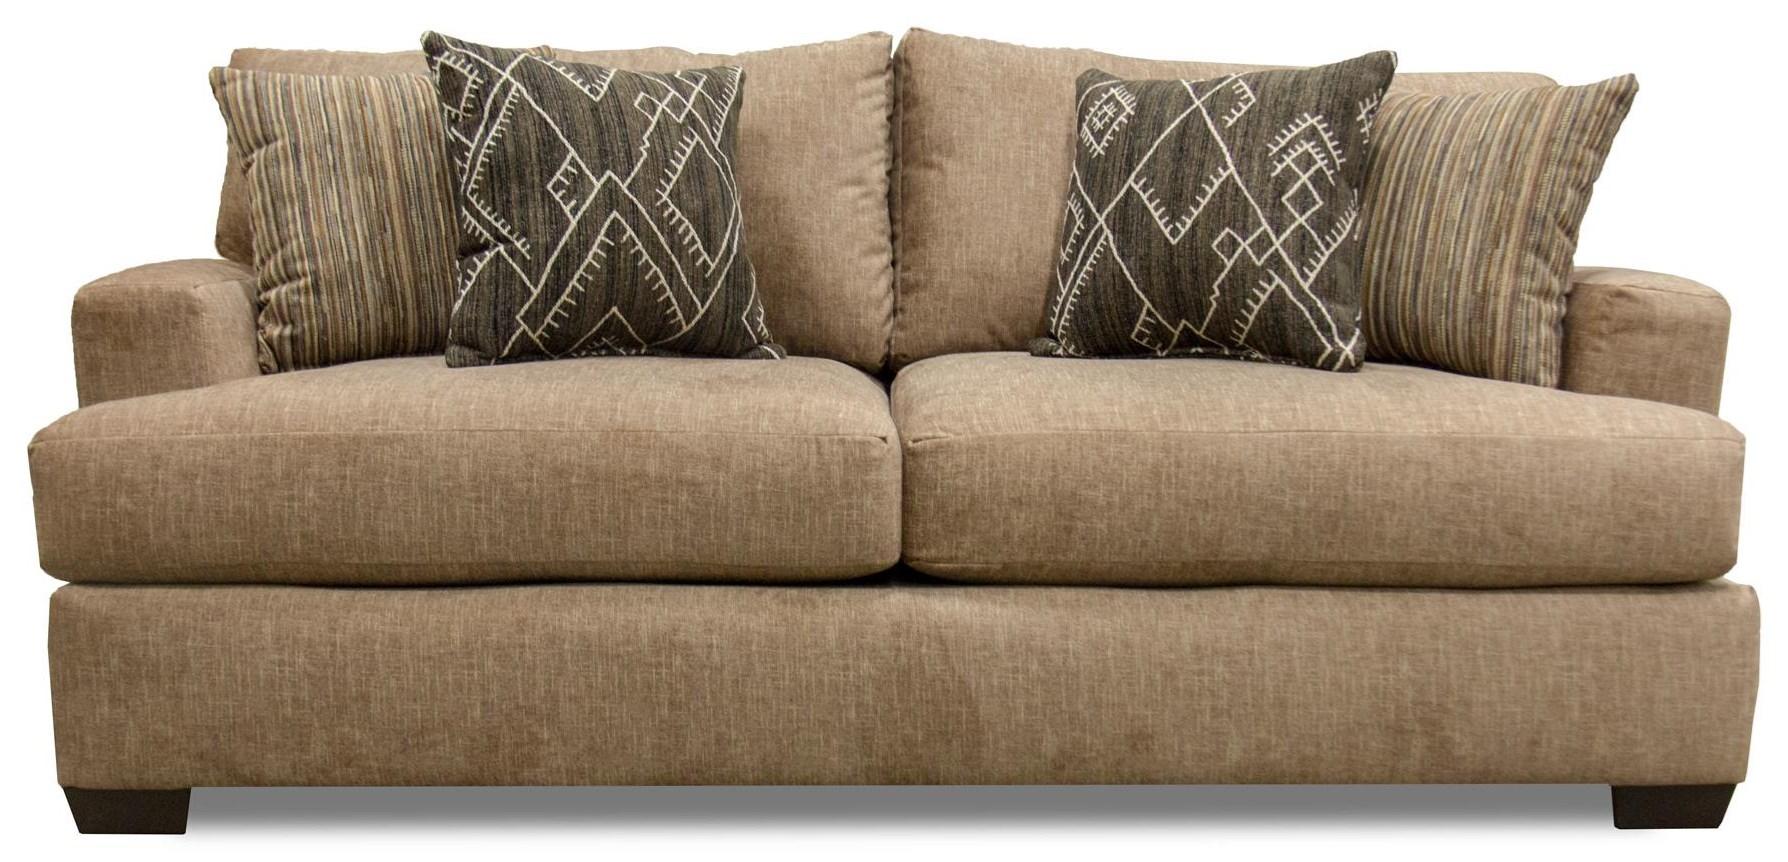 Corinthian Alton Sofa - Item Number: 29D3